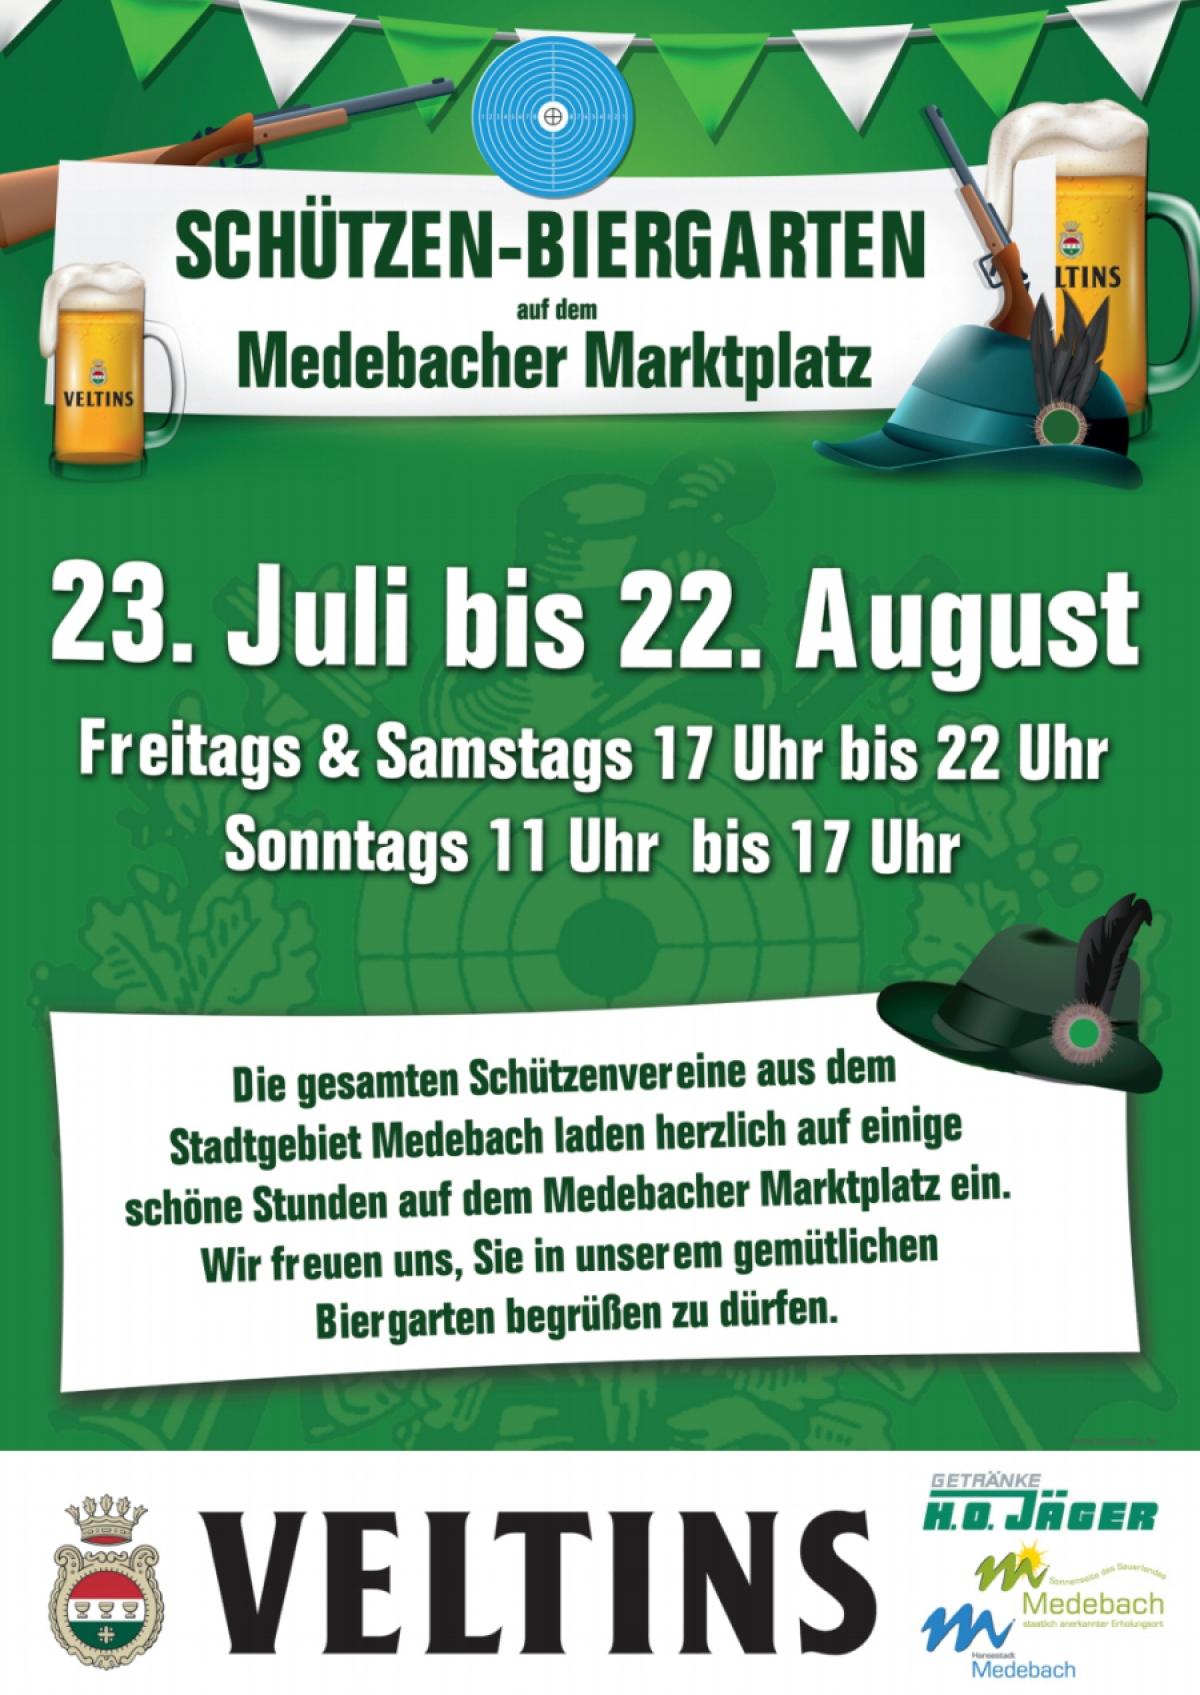 Schützen-Biergarten auf dem Marktplatz